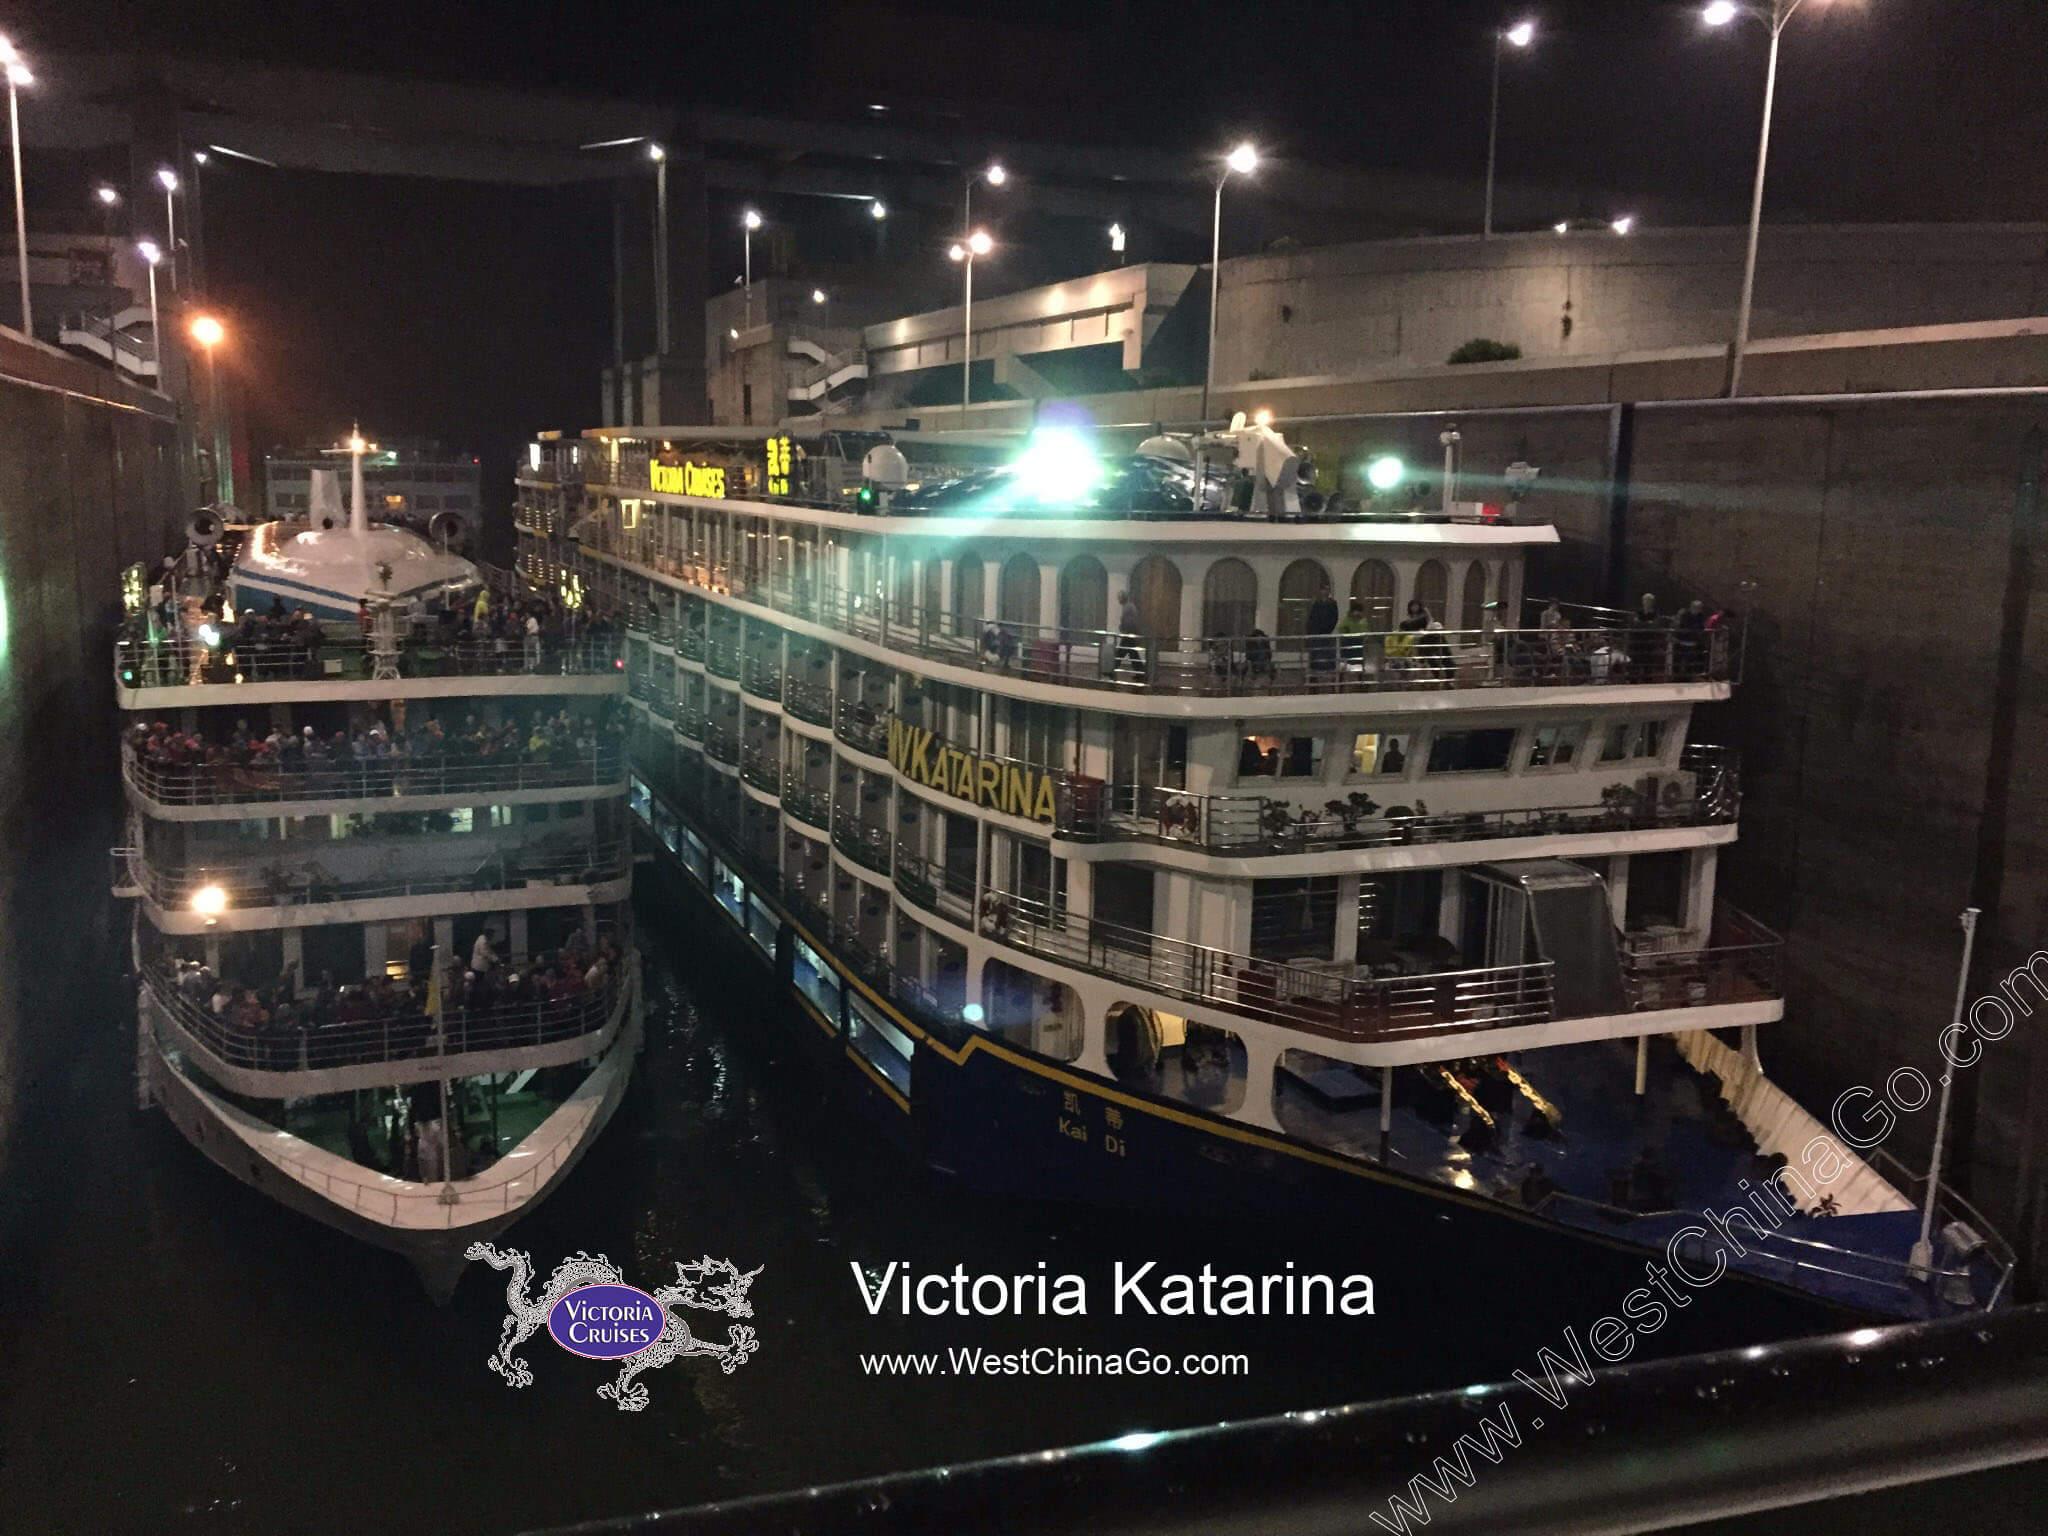 Victoria Katarina